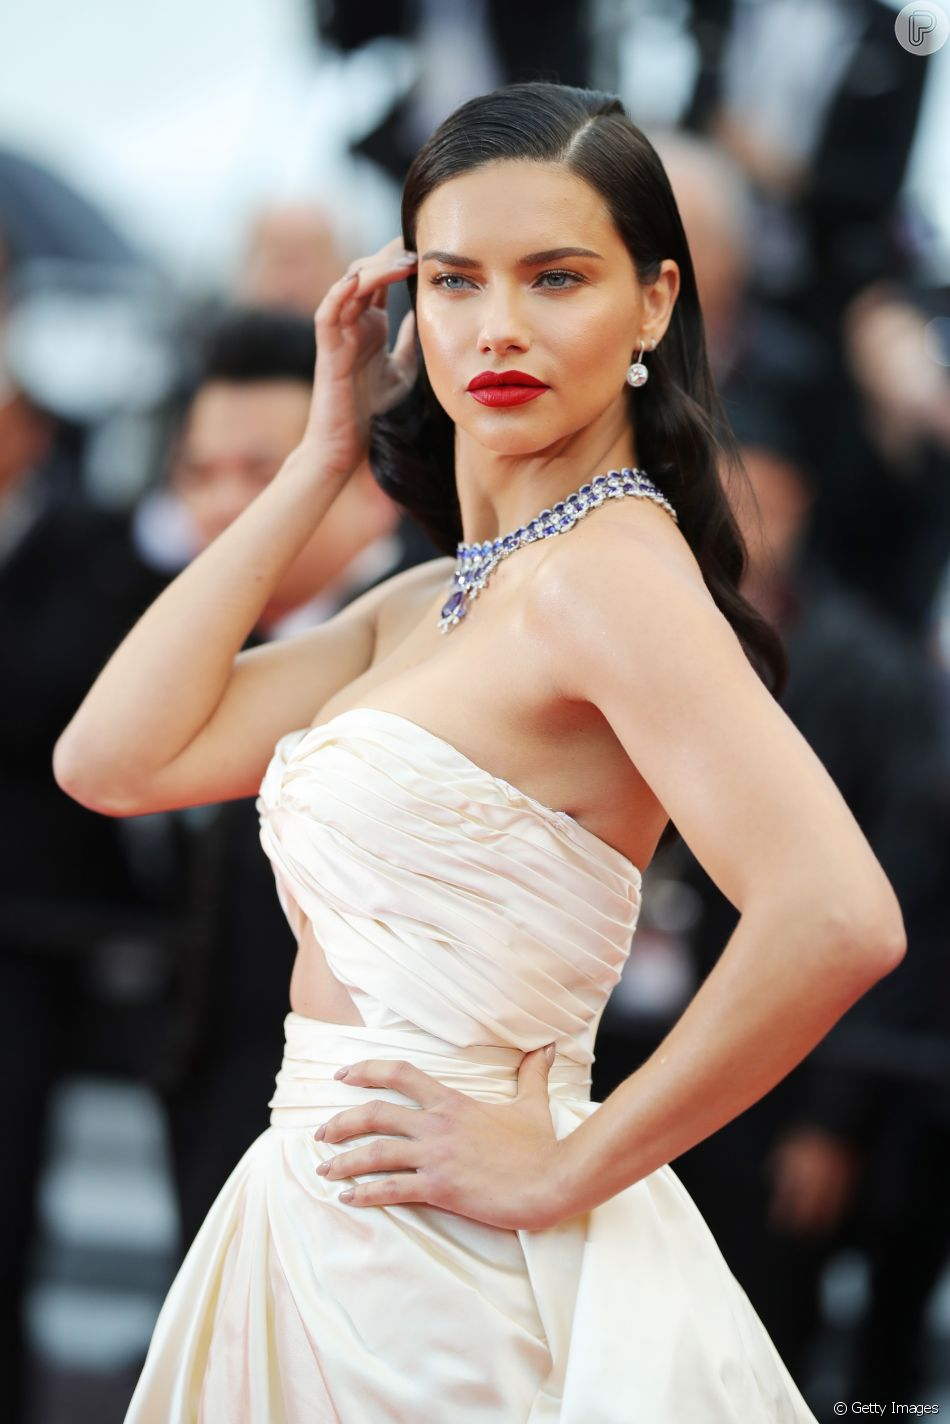 Famosas apostam em tendências de make para o Festival de Cannes 2018. Entre elas, pele iluminada e batom vermelho, como a produção de  Adriana Lima , foram as mais usadas